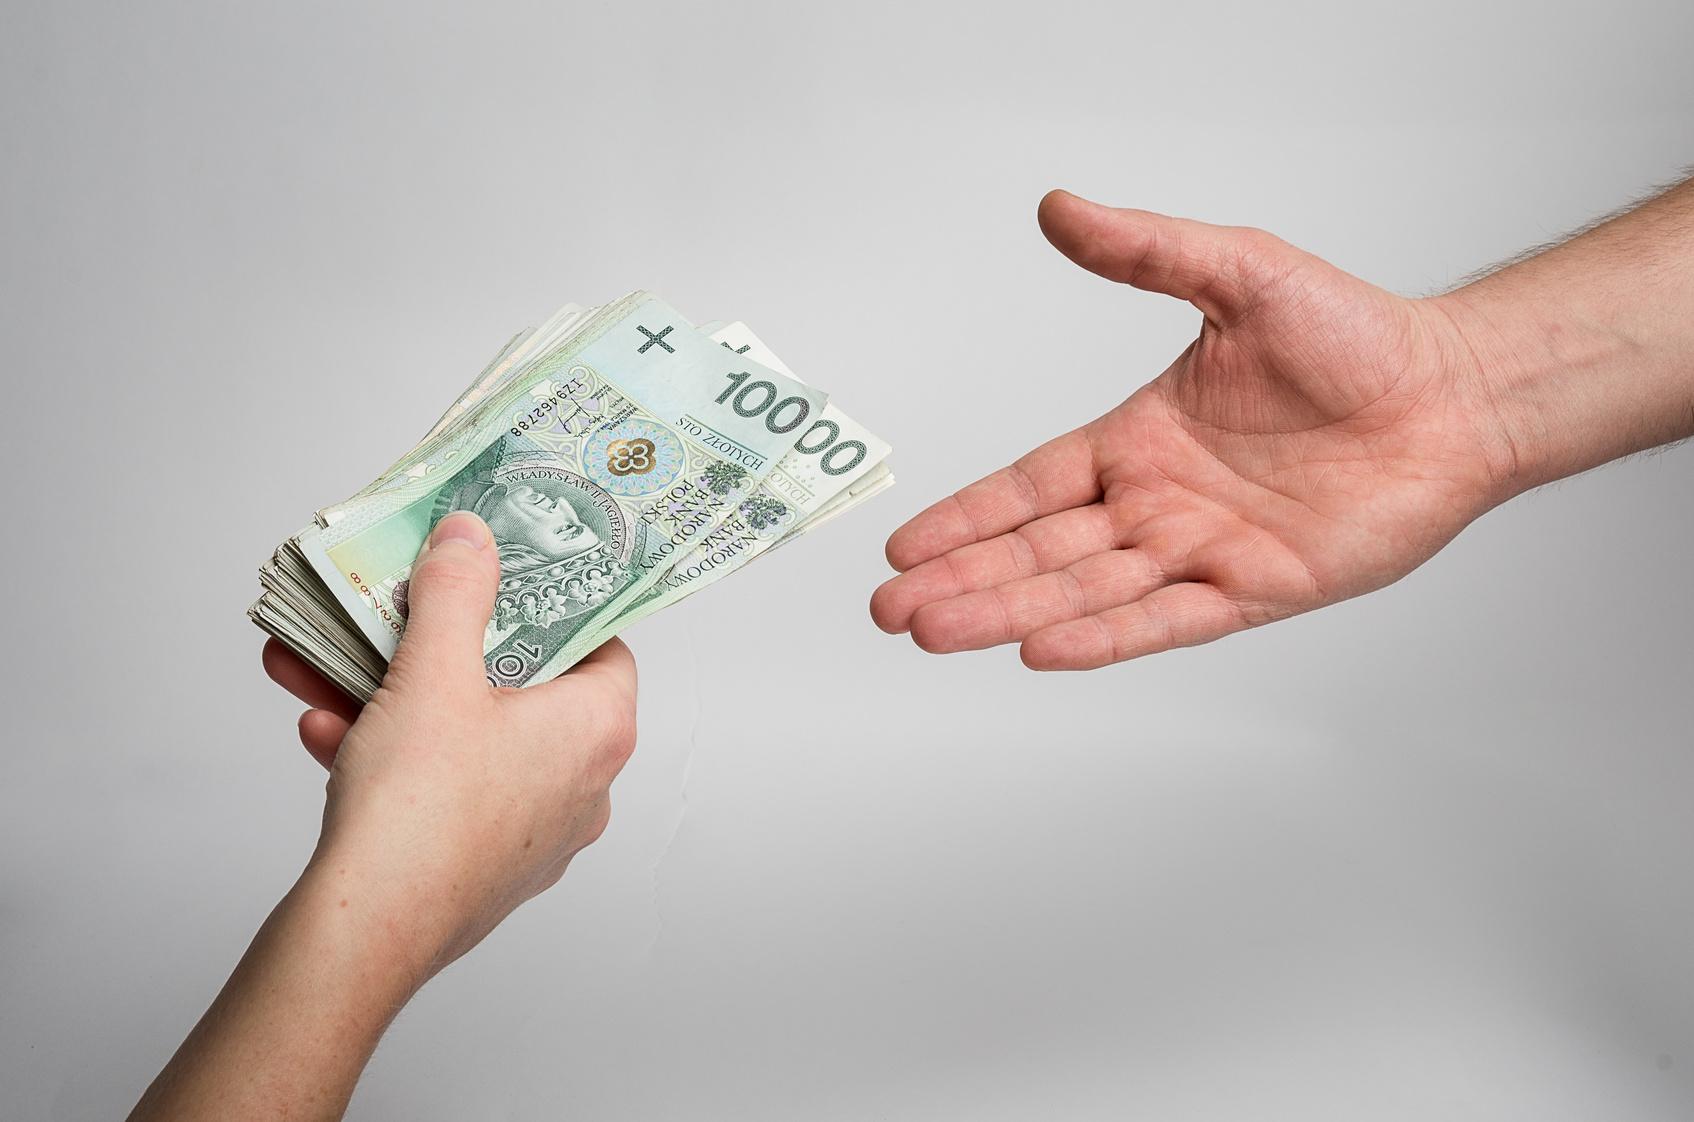 Pożyczam pieniądze członkowi rodziny – czy warto spisać umowę?